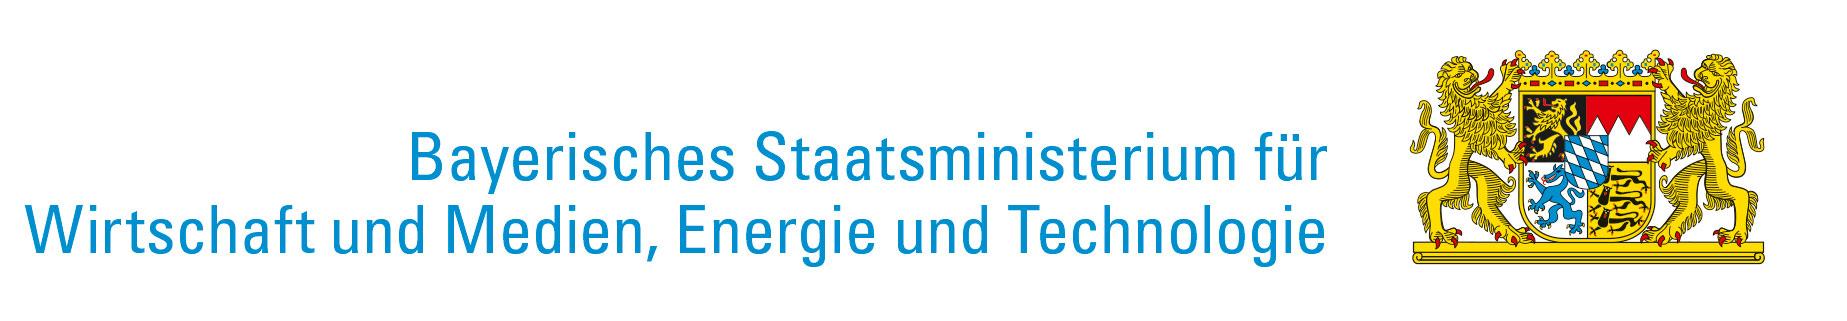 Bildergebnis für bayerisches staatsministerium für wirtschaft und medien, energie und technologie